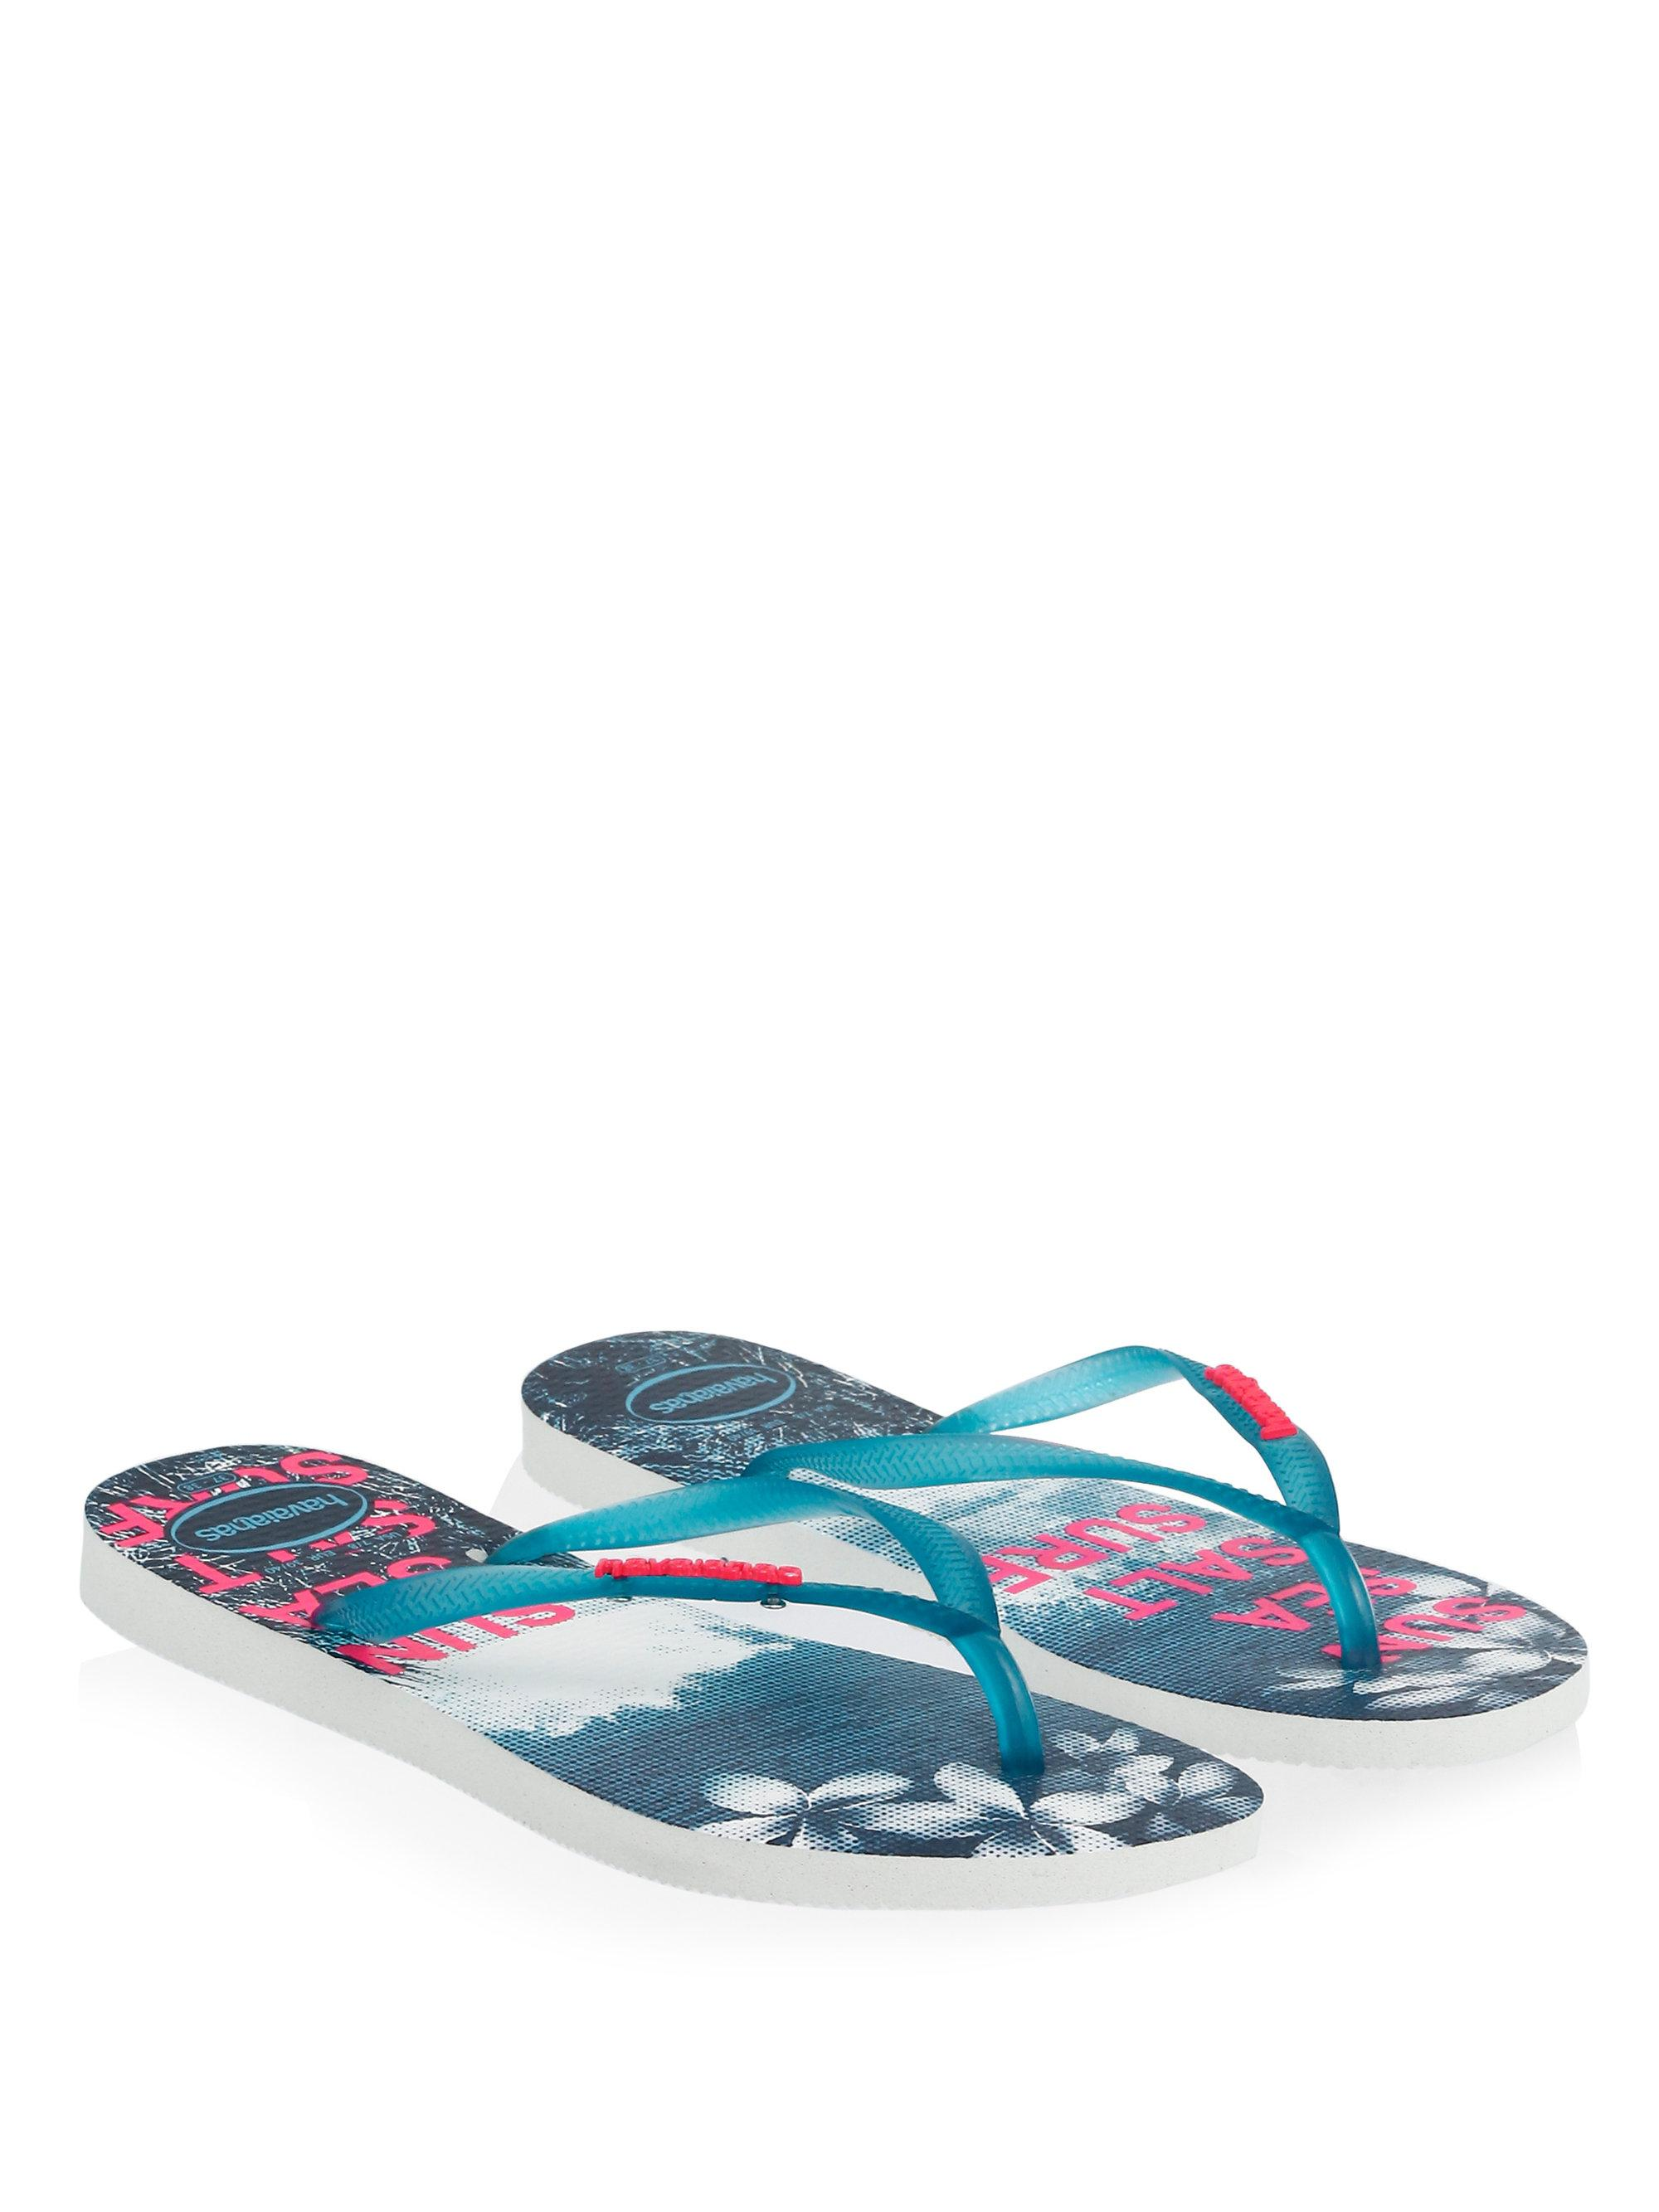 Havaianas Tropical Slim Paisage Flip Flops u3UXx0pajP